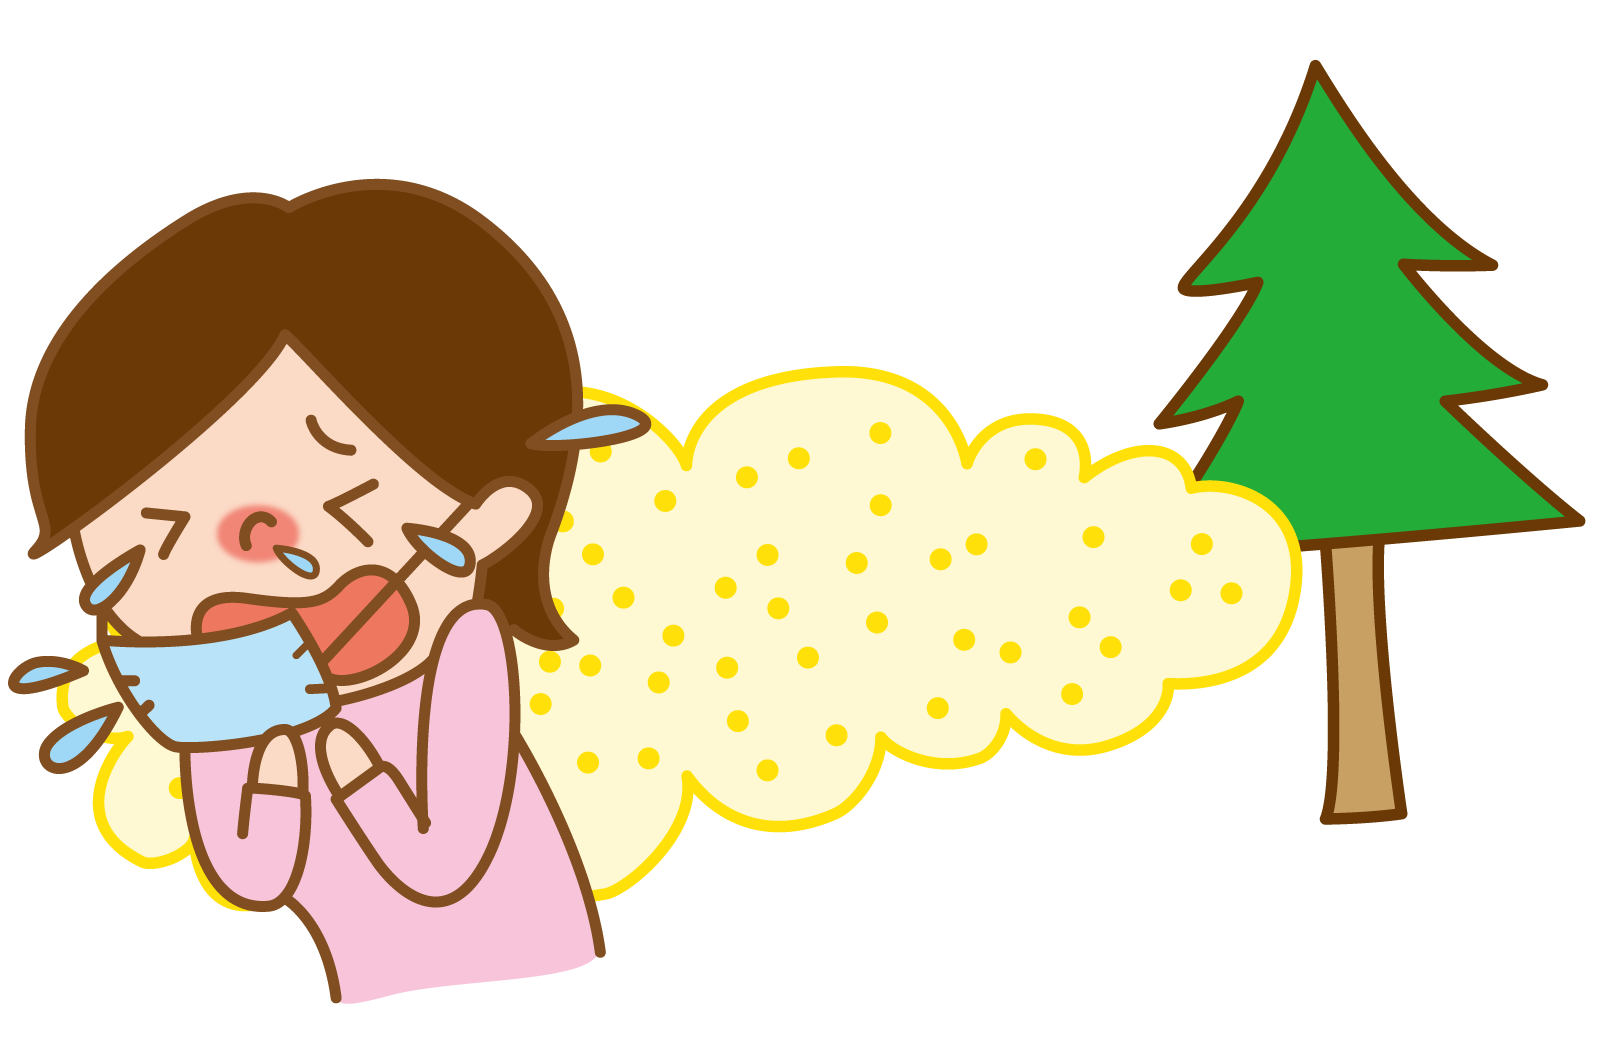 スギ花粉に対する舌下免疫療法(SLIT)は有効か?